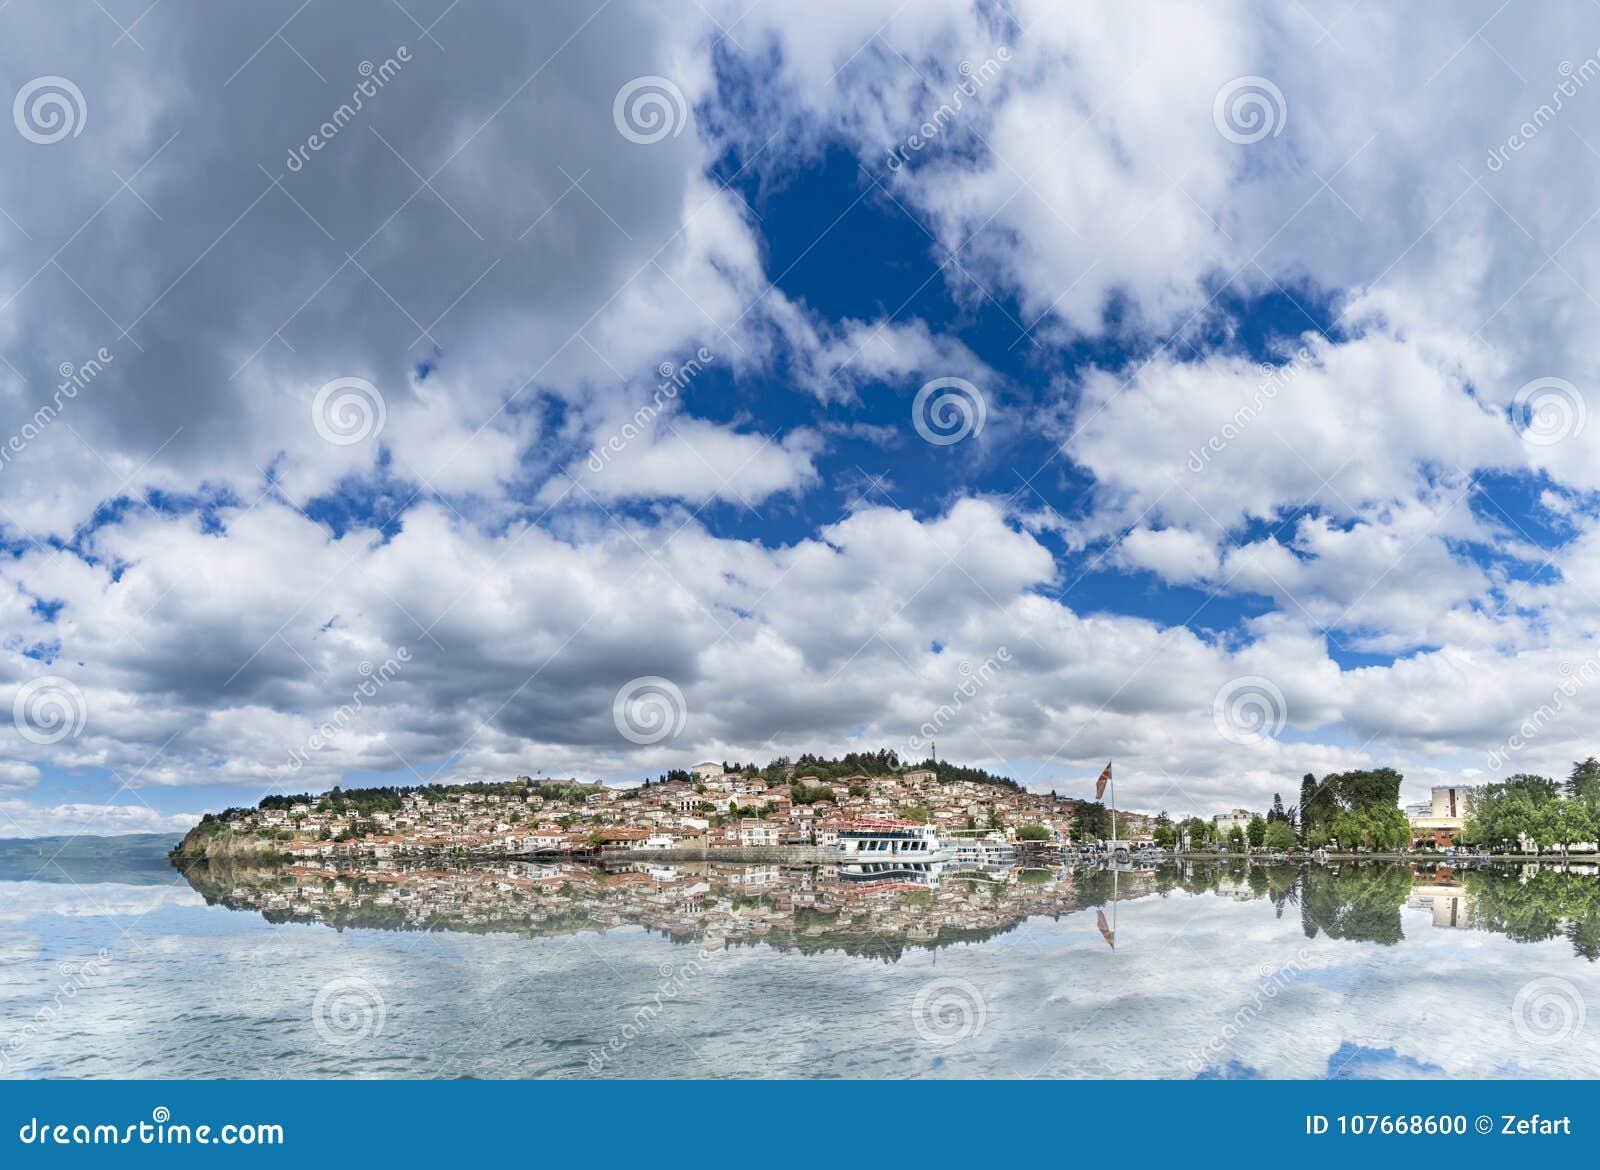 Πανοραμική άποψη της λίμνης της Οχρίδας με τη συμπαθητική αντανάκλαση νερού